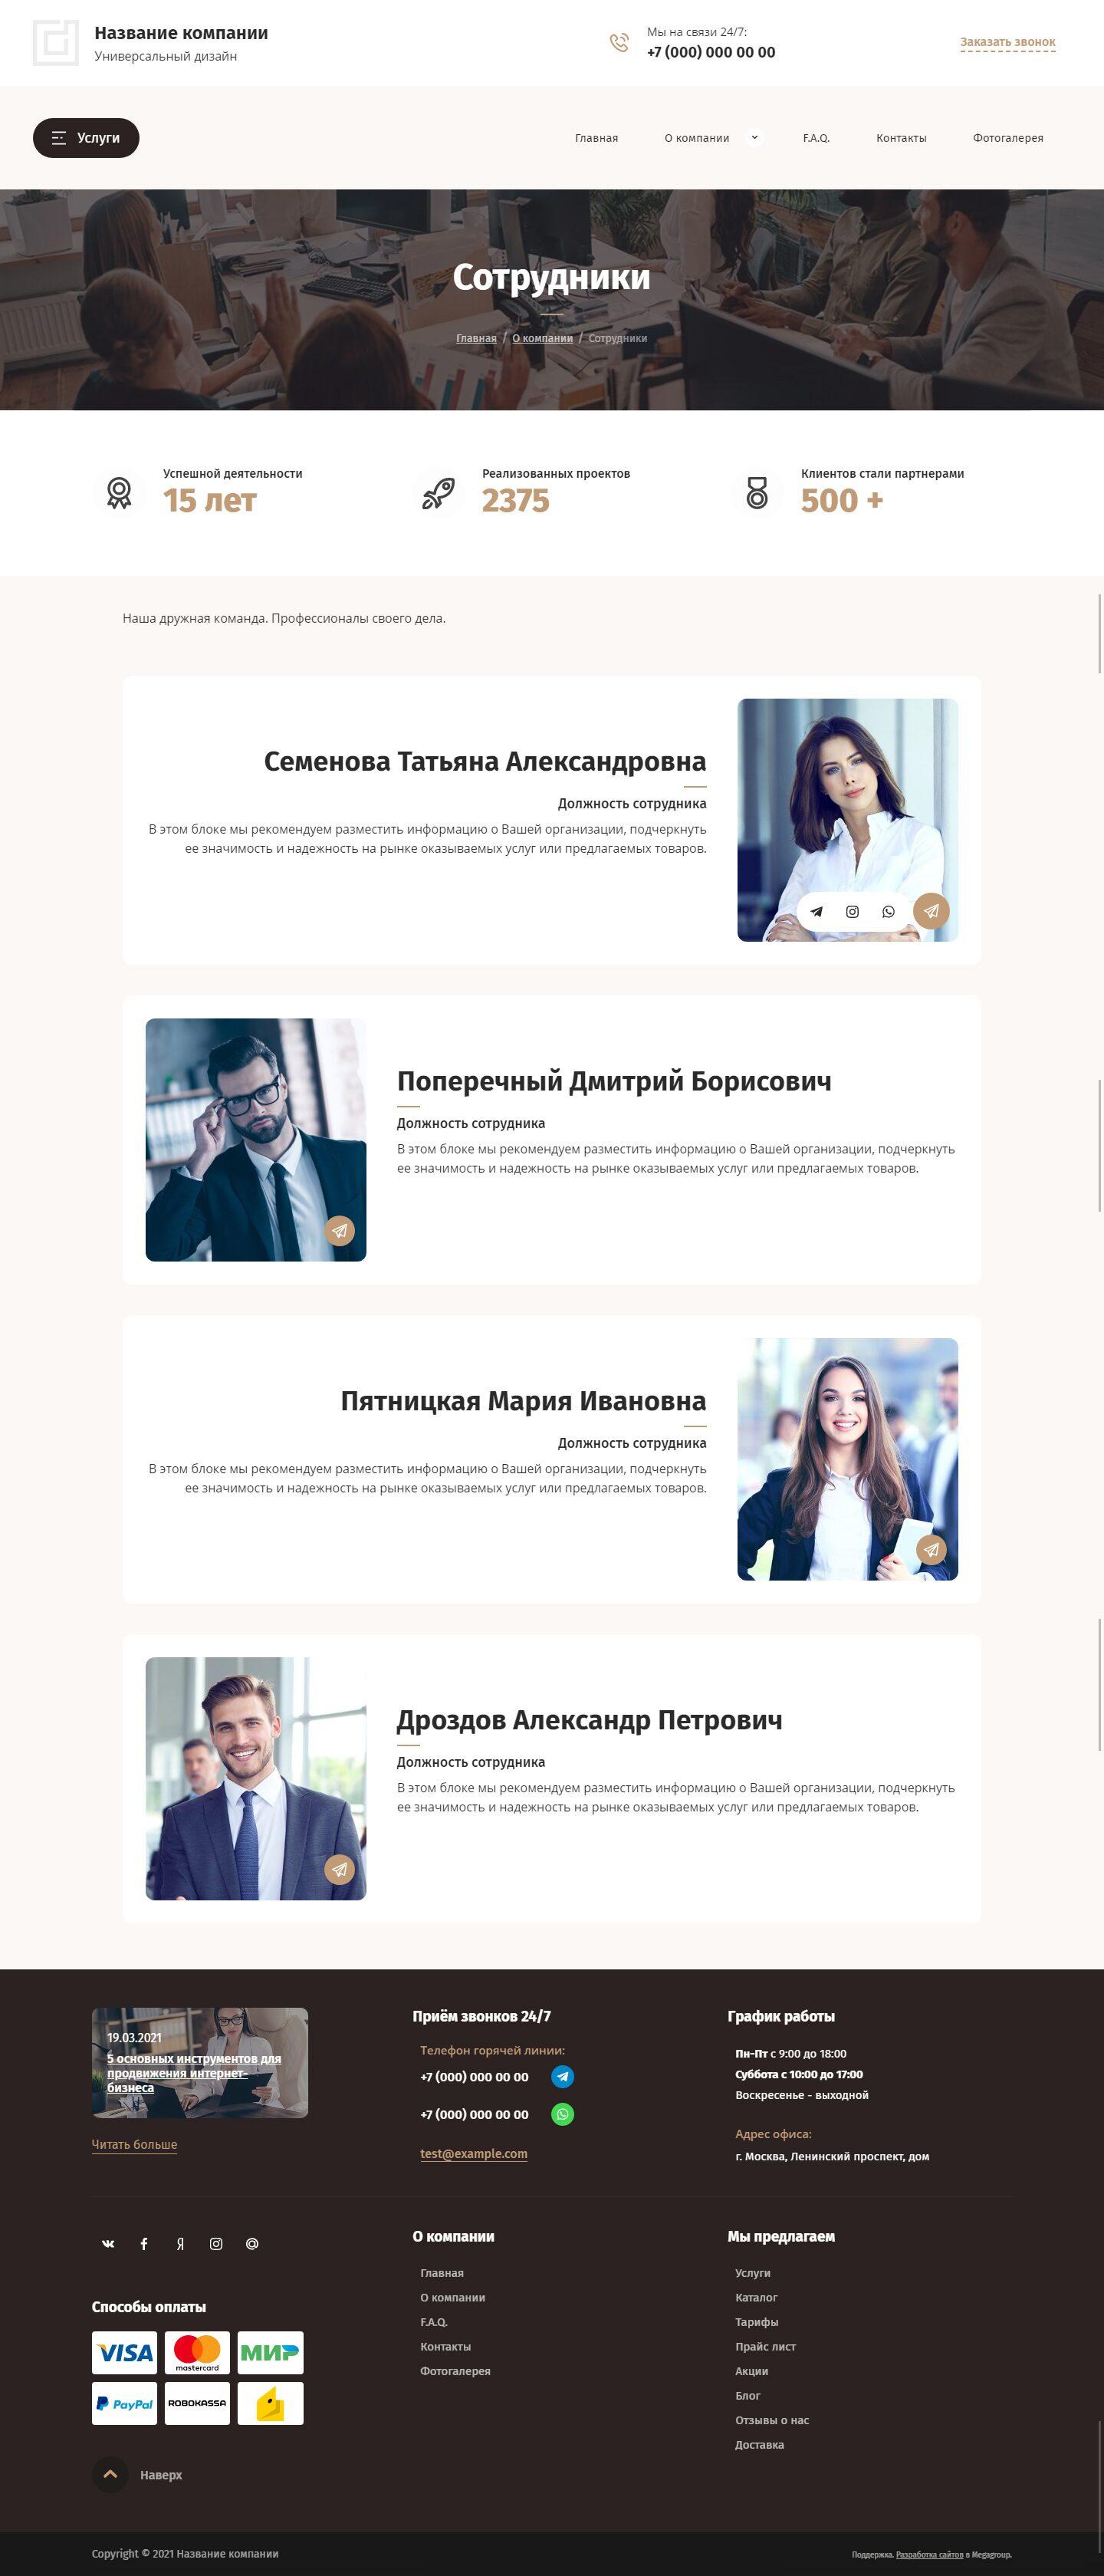 Готовый Сайт-Бизнес #2967758 - Универсальный дизайн (Сотрудники)